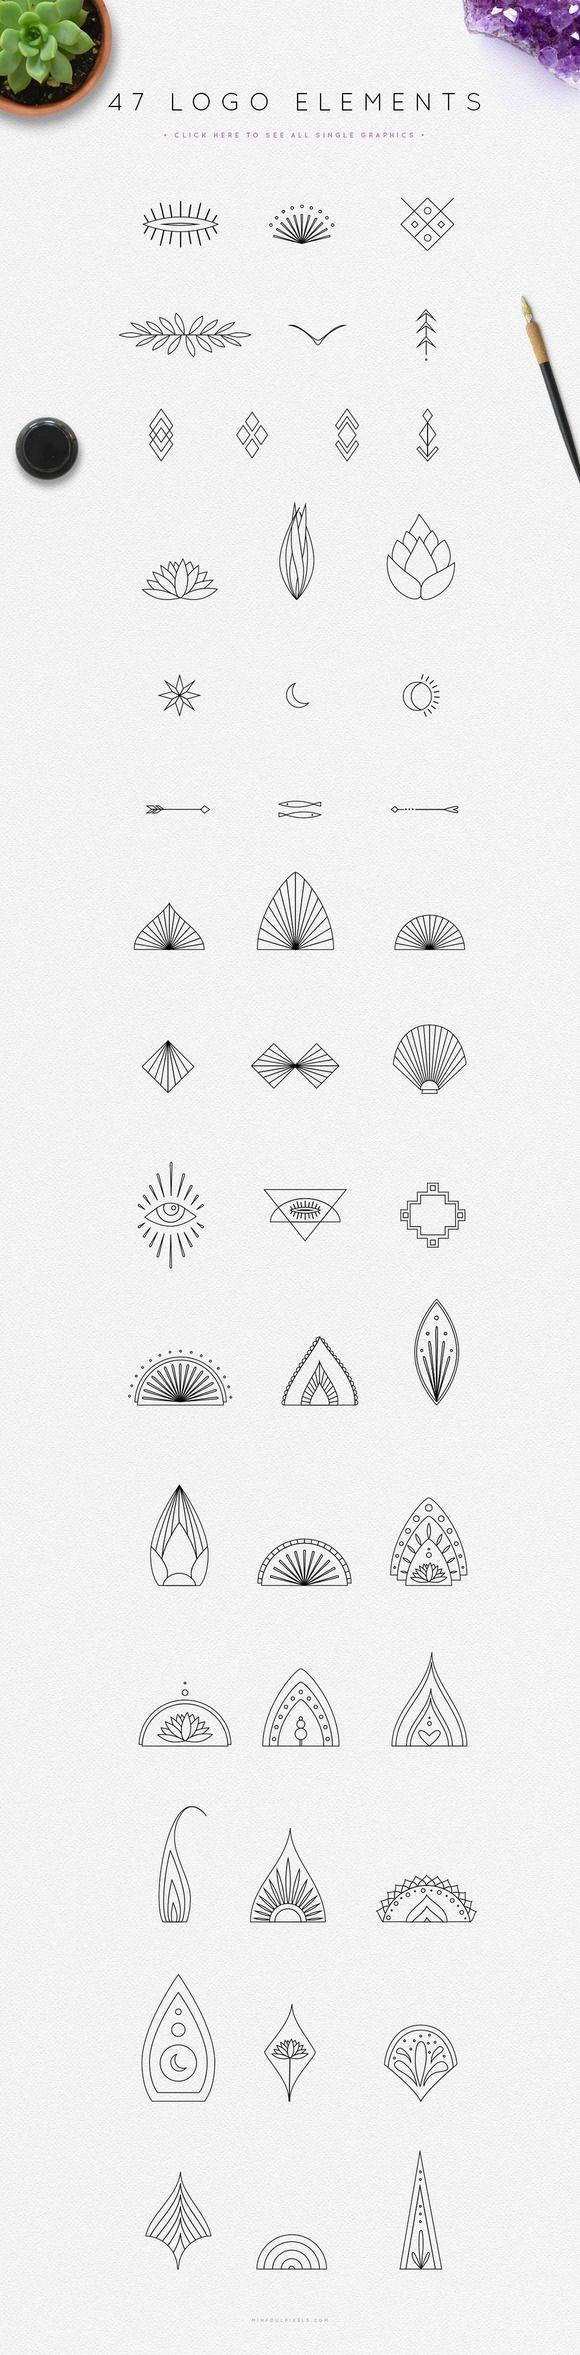 Mandala Logo Creator - Logos - 4                                                                                                                                                                                 More                                                                                                                                                                                 More